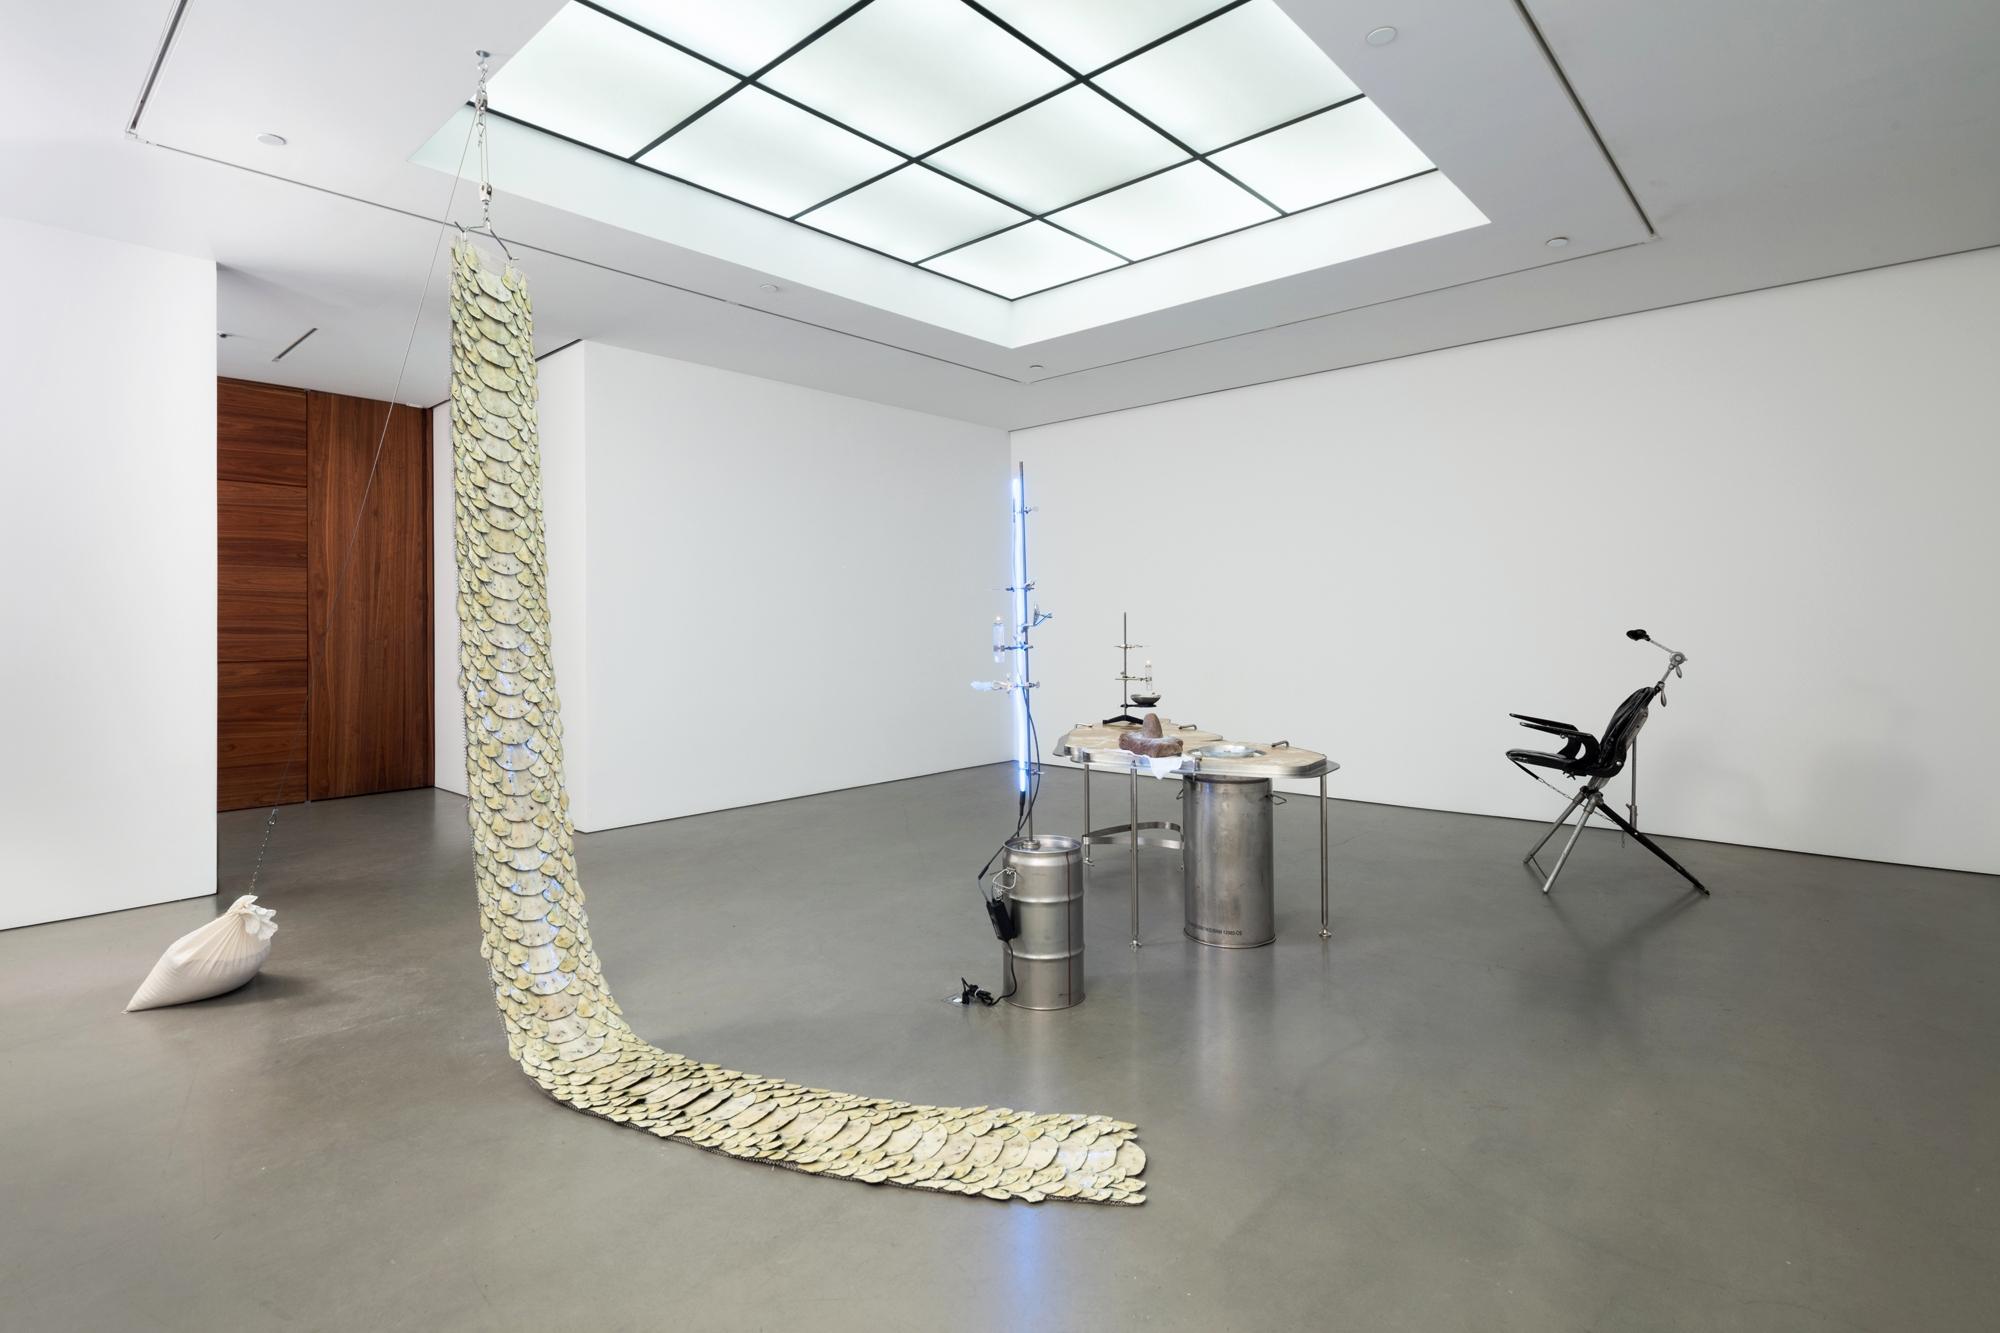 ELAINE CAMERON-WEIR Erotix Andrea Rosen Gallery (Gallery 2)